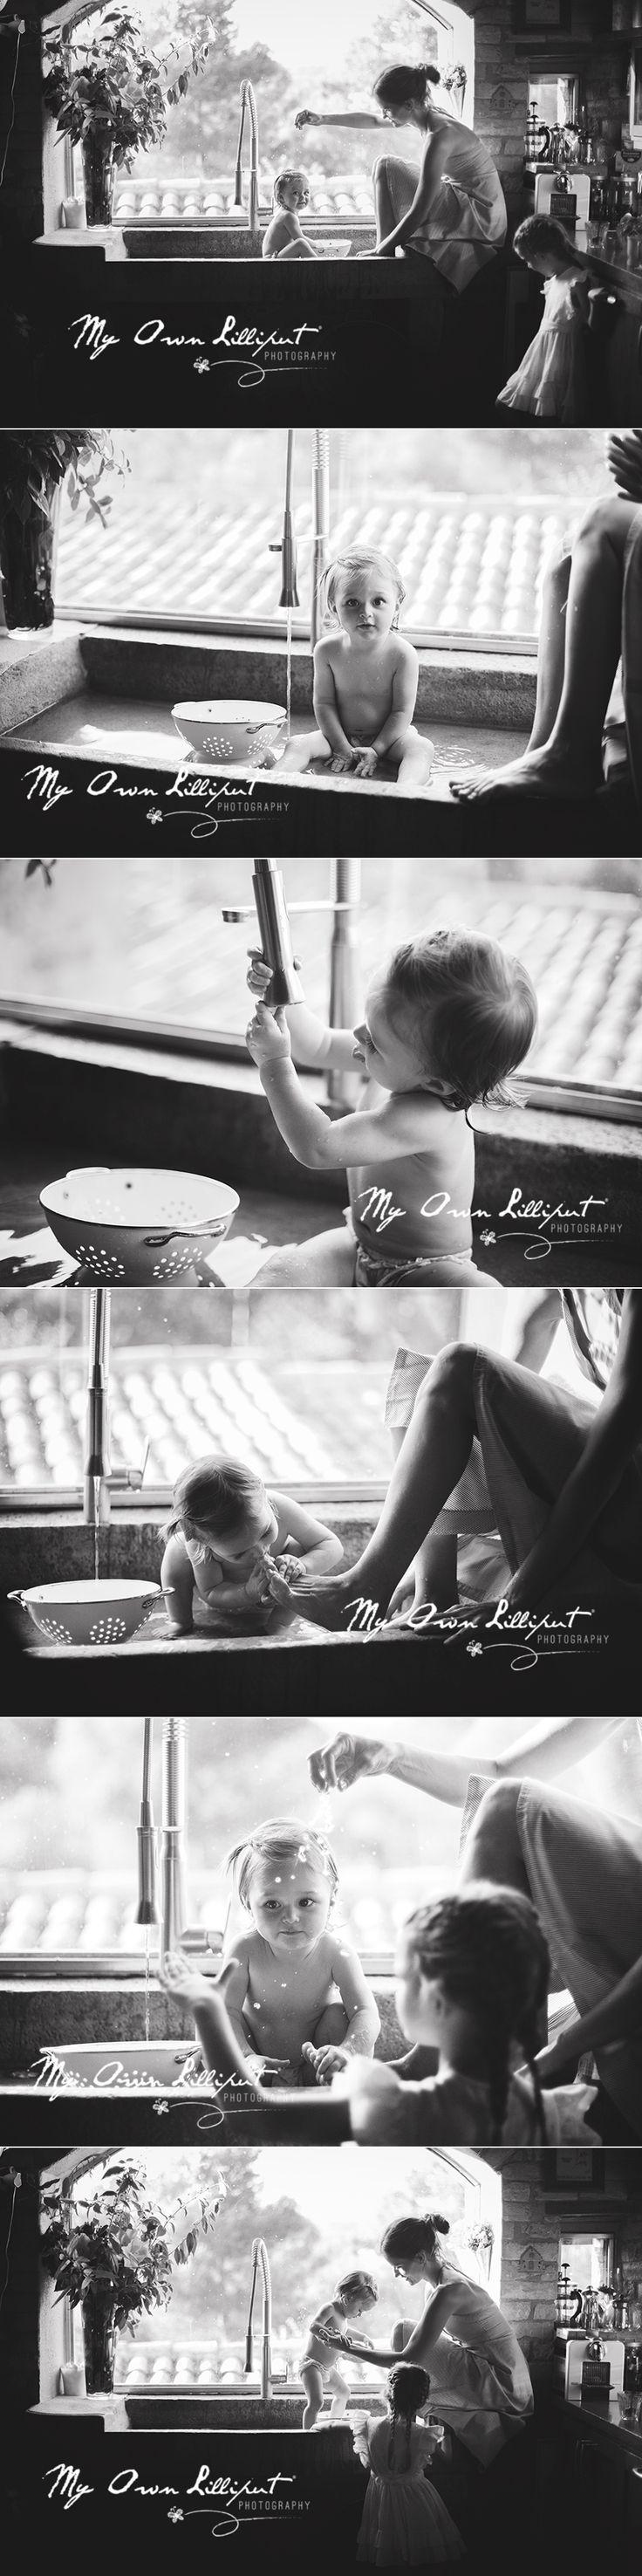 MyOwnLilliput - Photography Fotografía de niños en Málaga